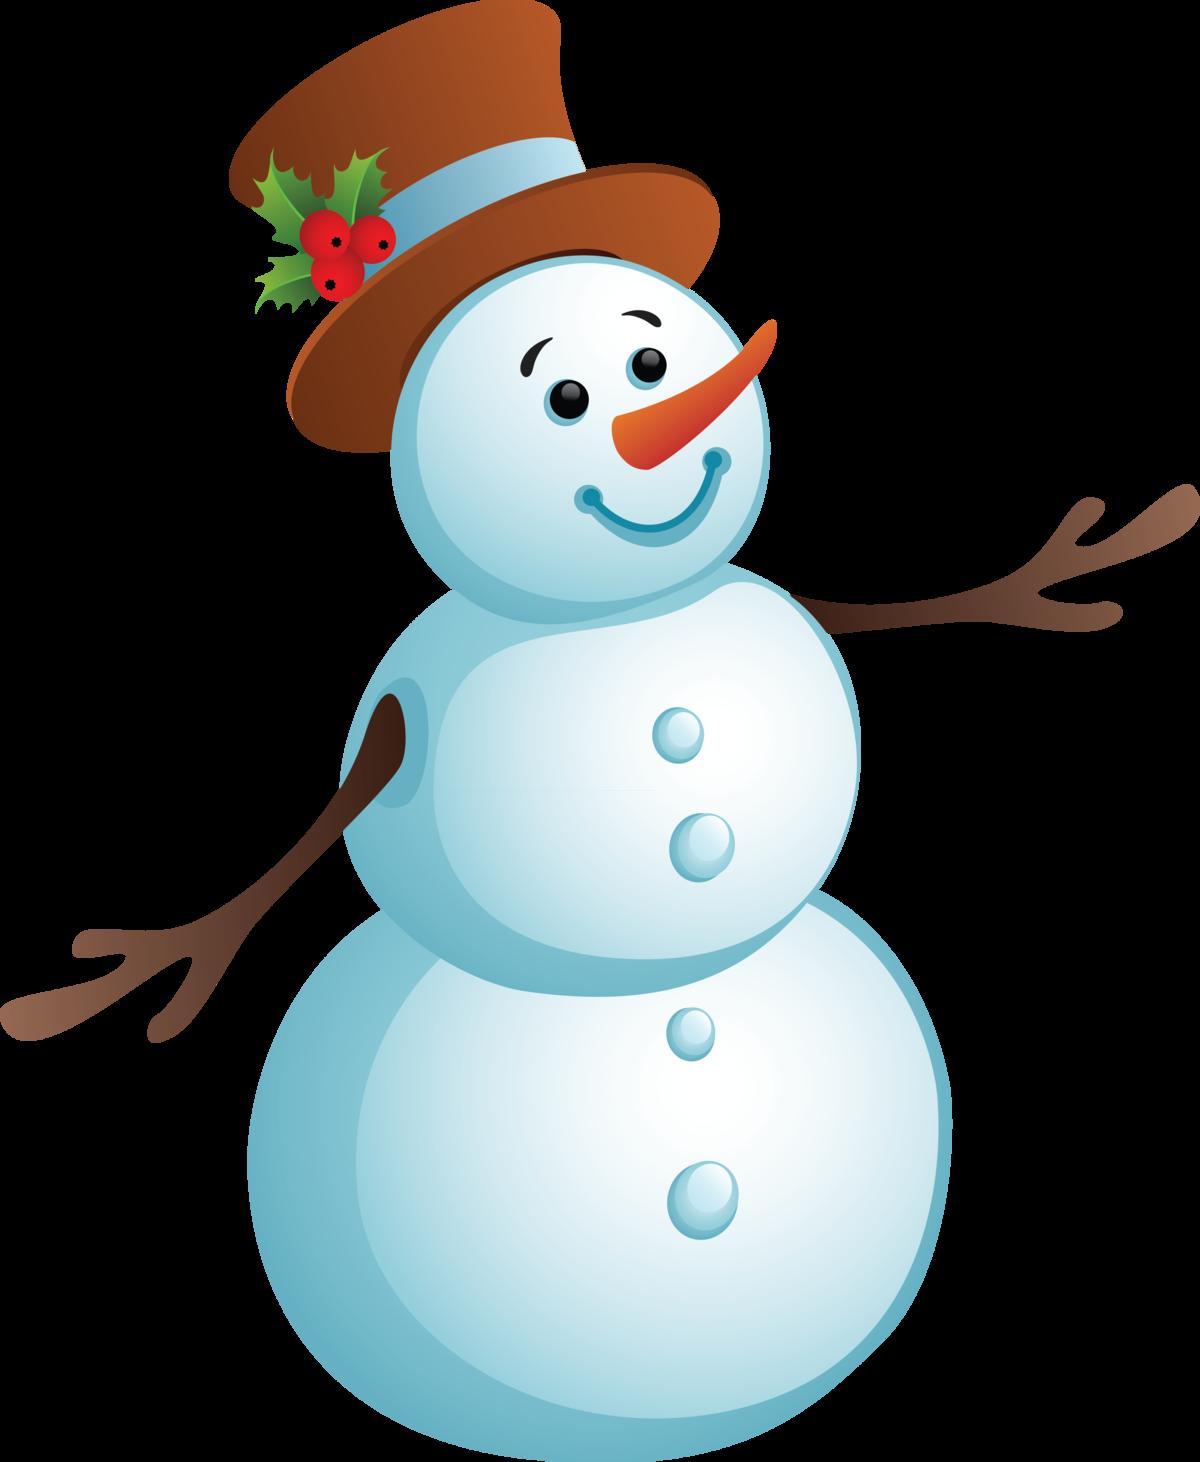 Снеговик картинки для презентаций